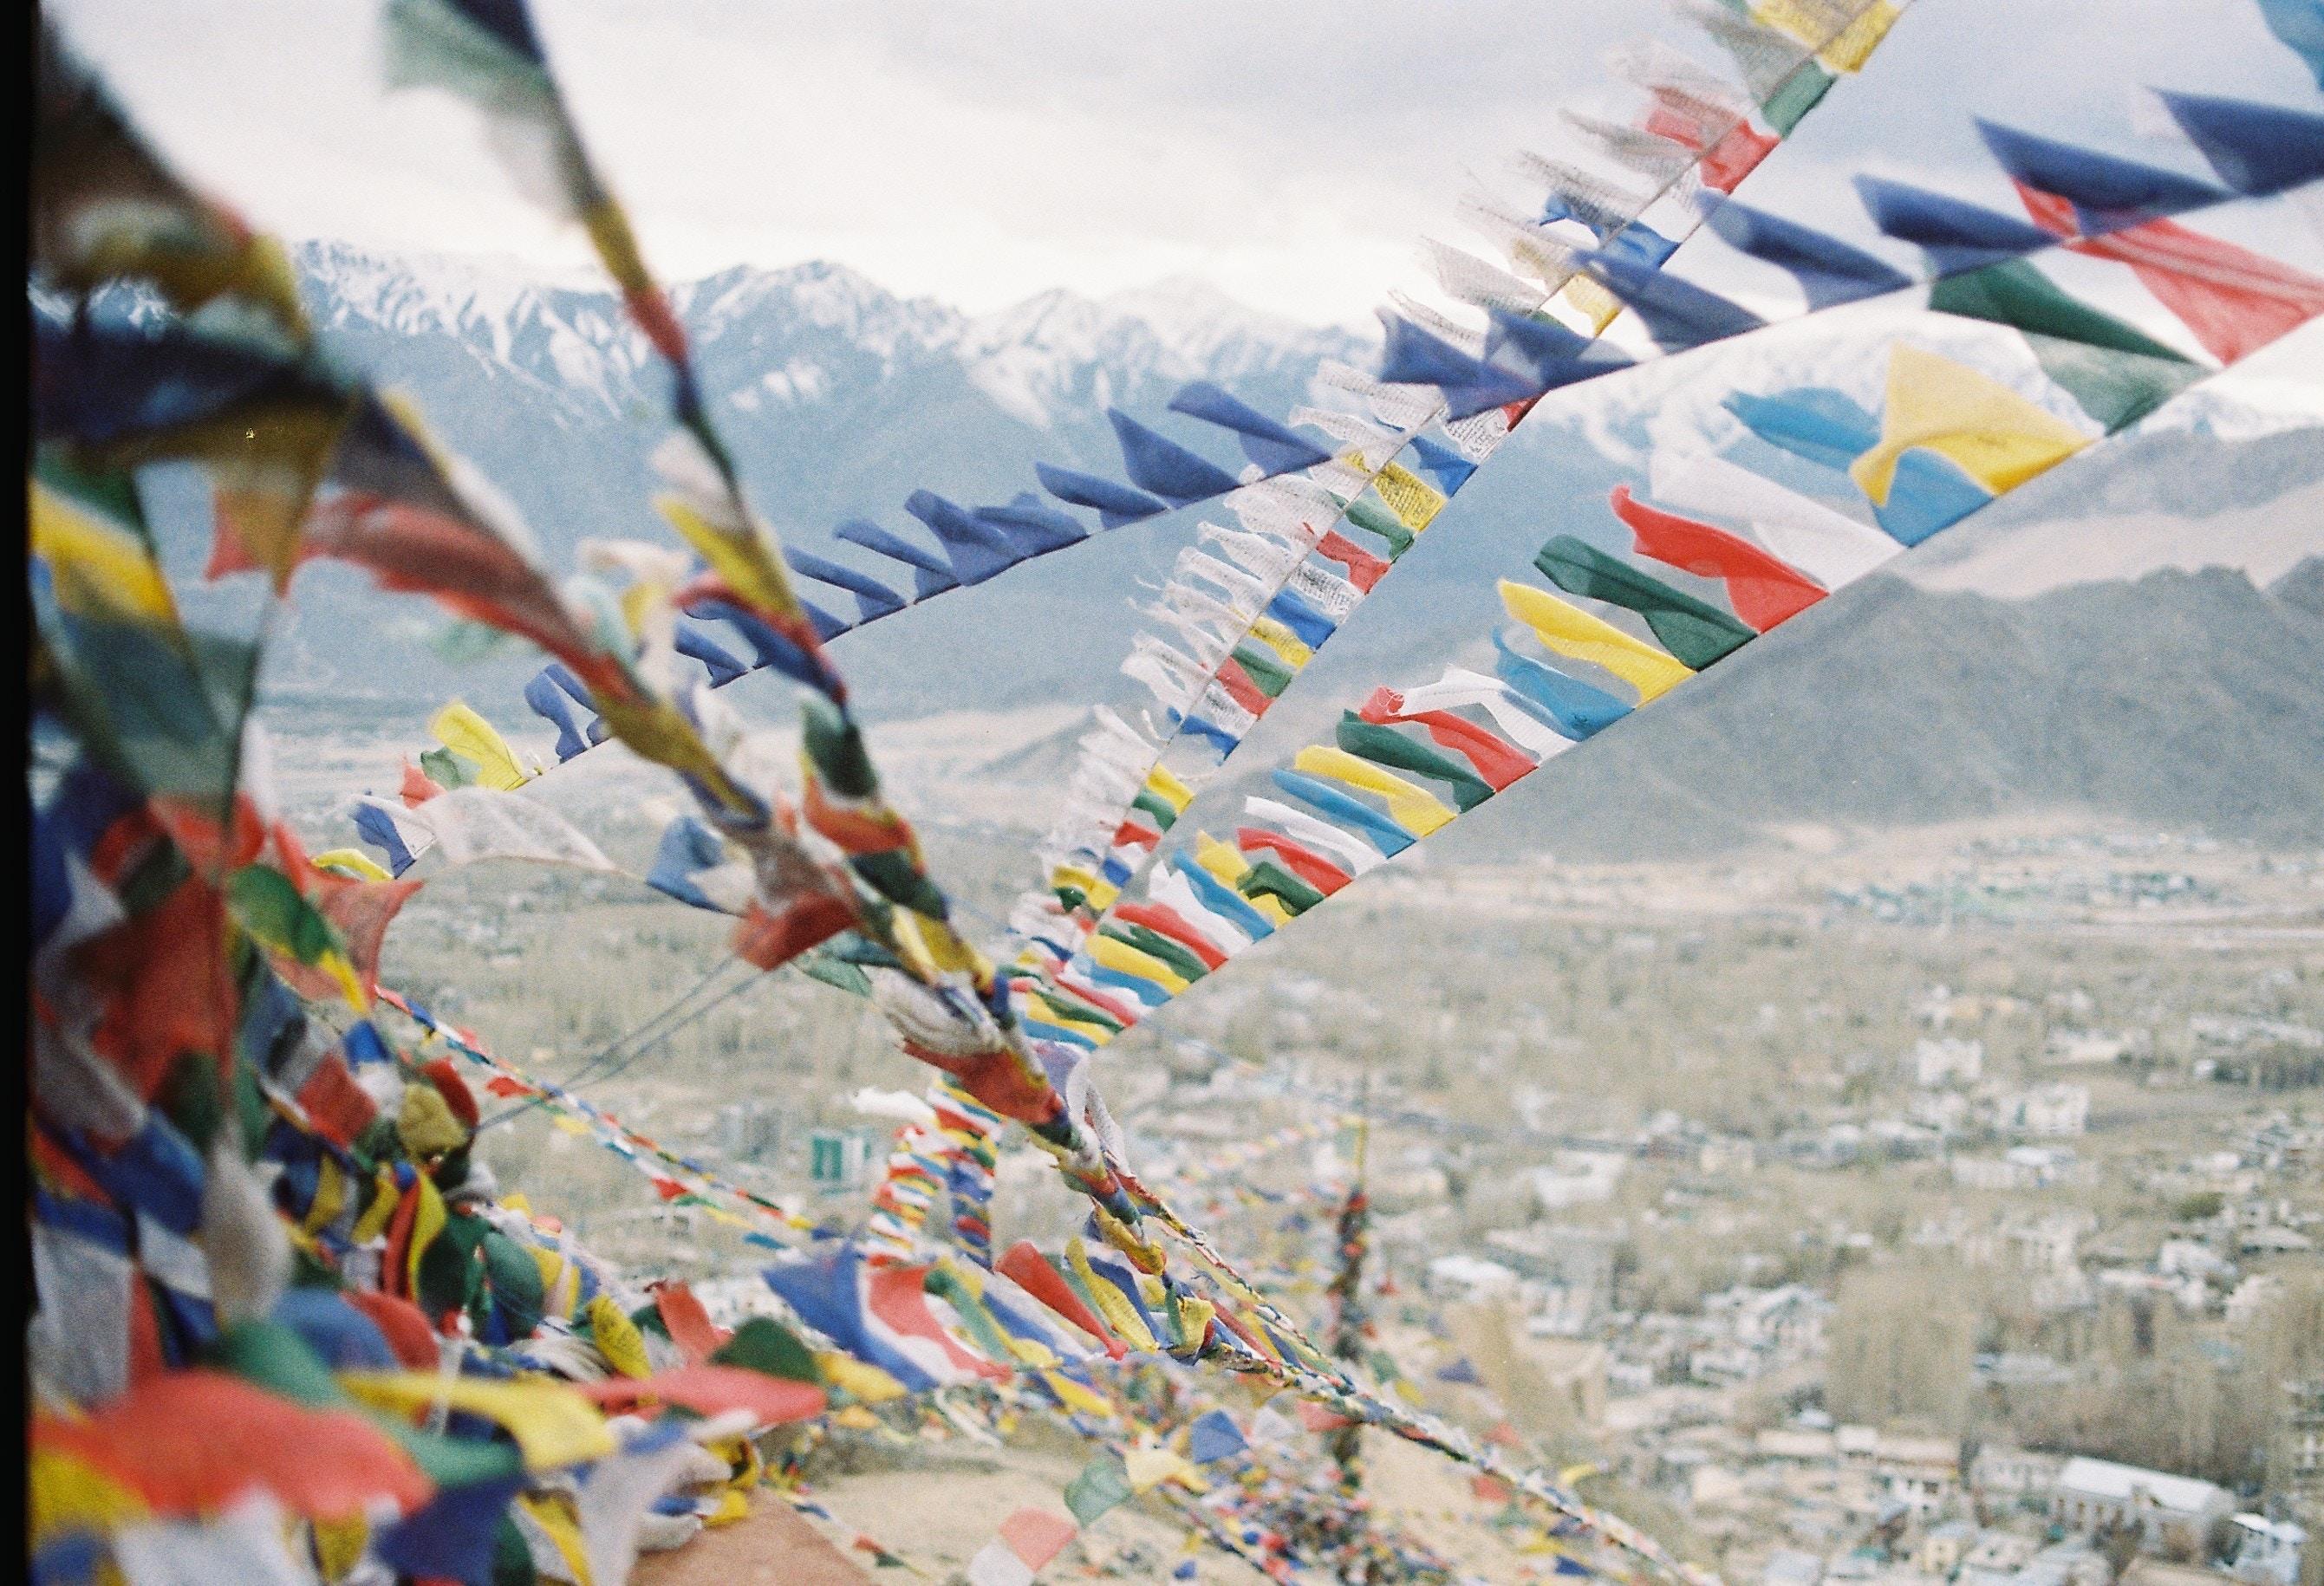 ラダックはインド観光で外せないスポット!おすすめの見どころや行き方など紹介